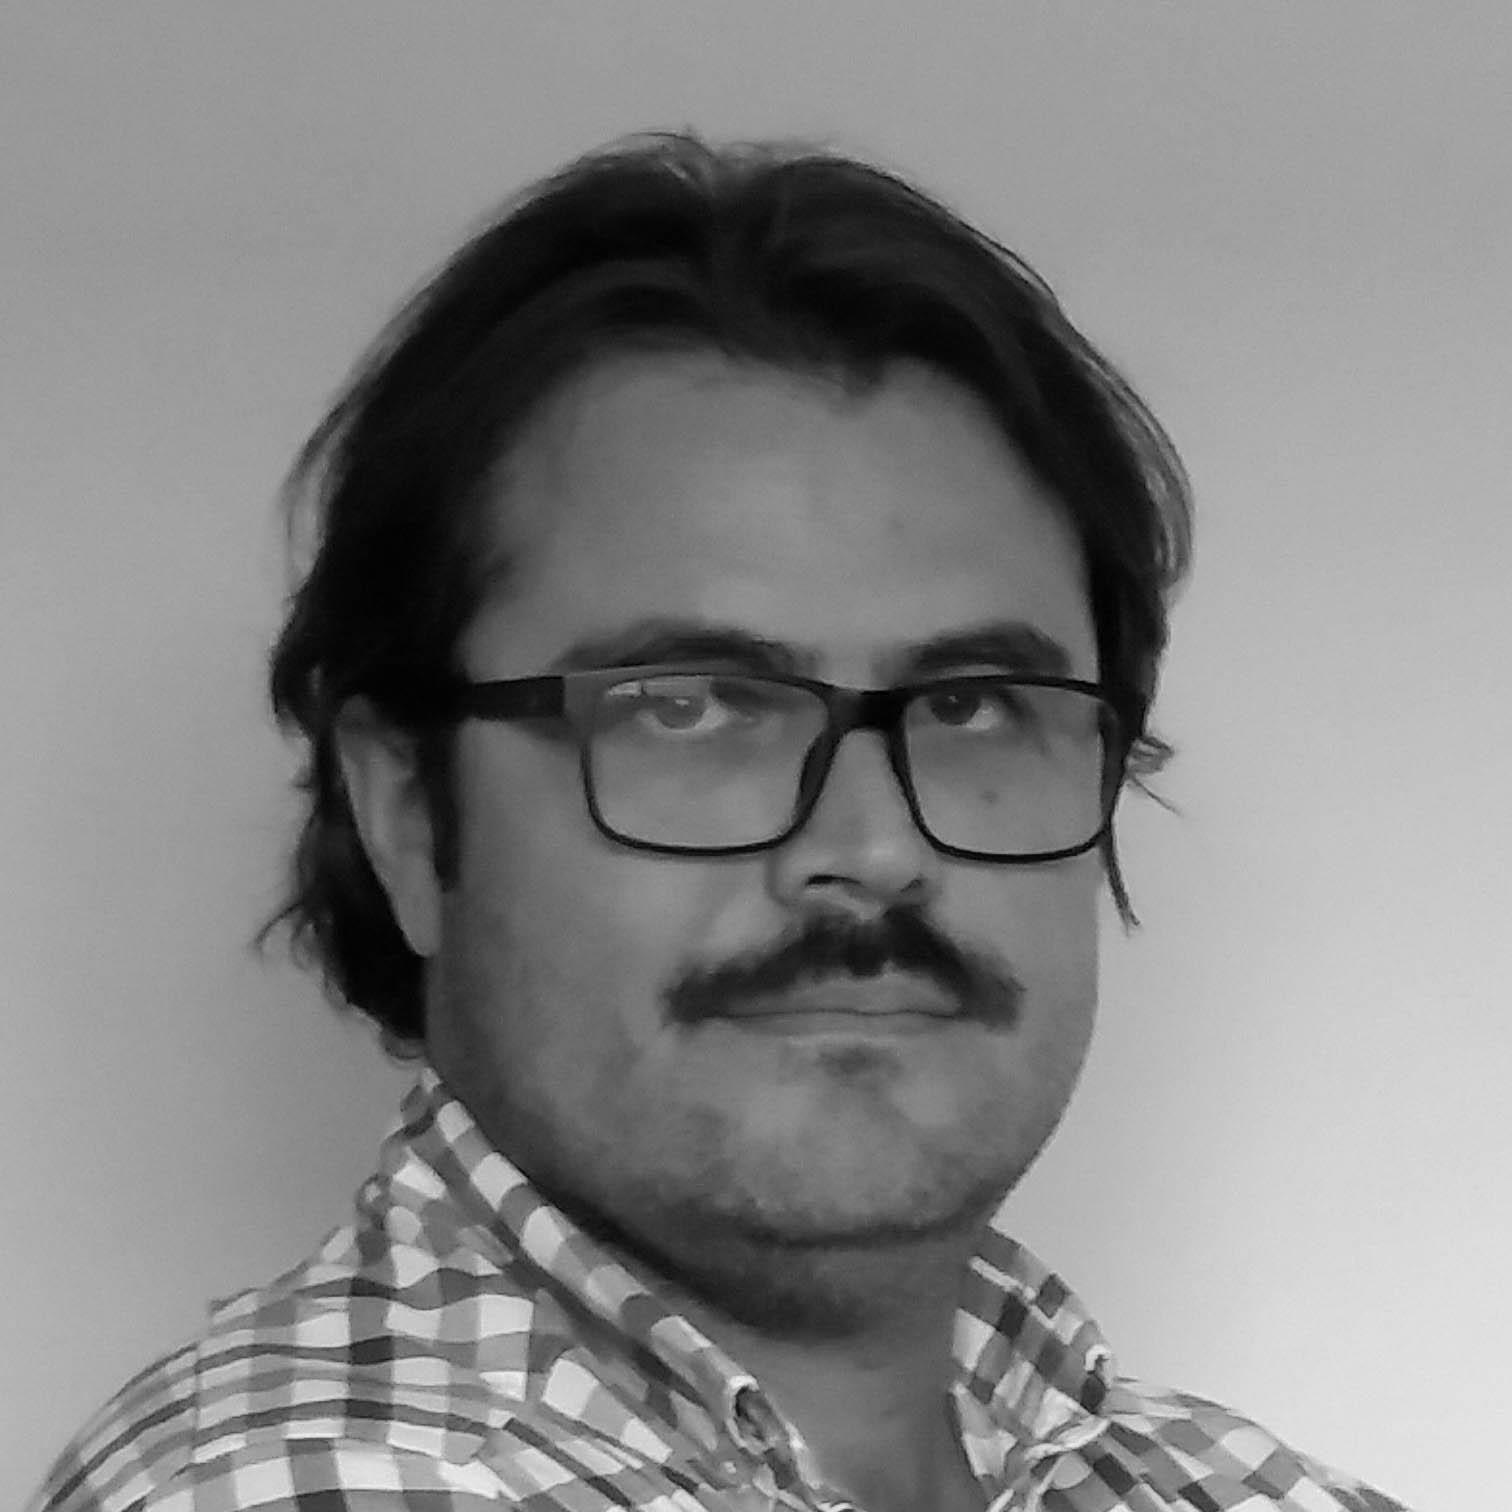 Fernando Quiero